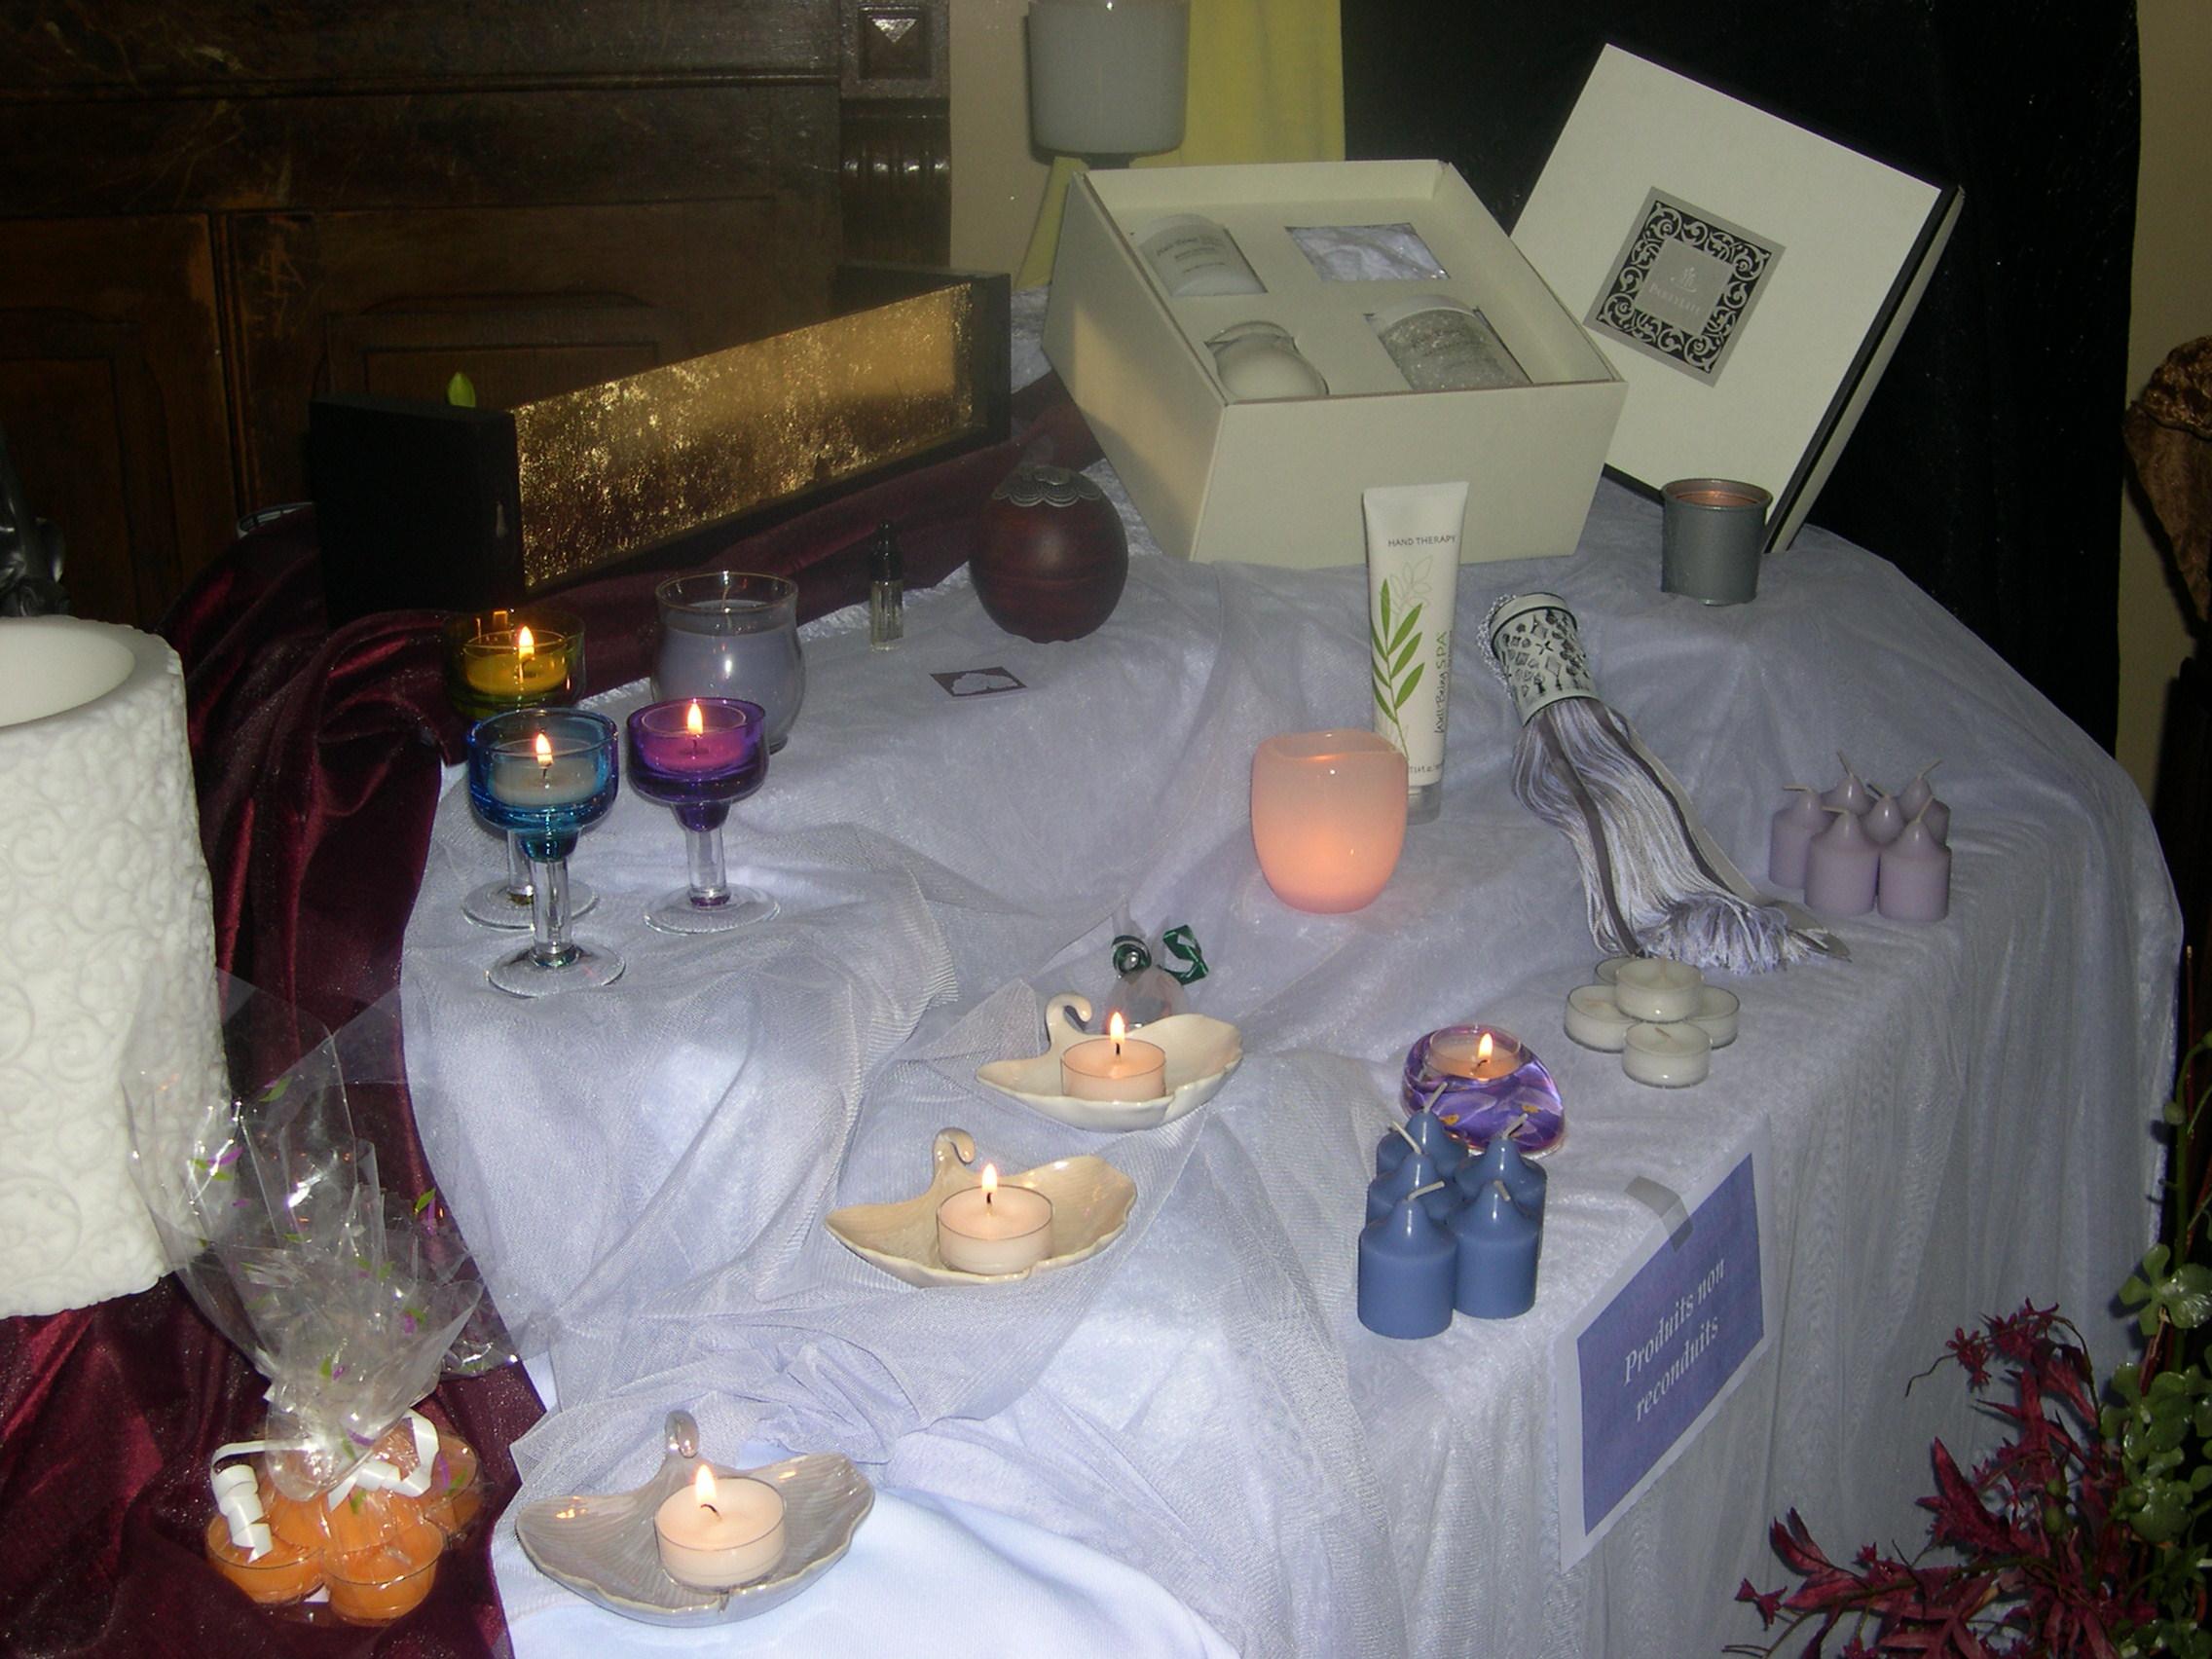 Partylite sebetfredconseil for Trio miroir partylite